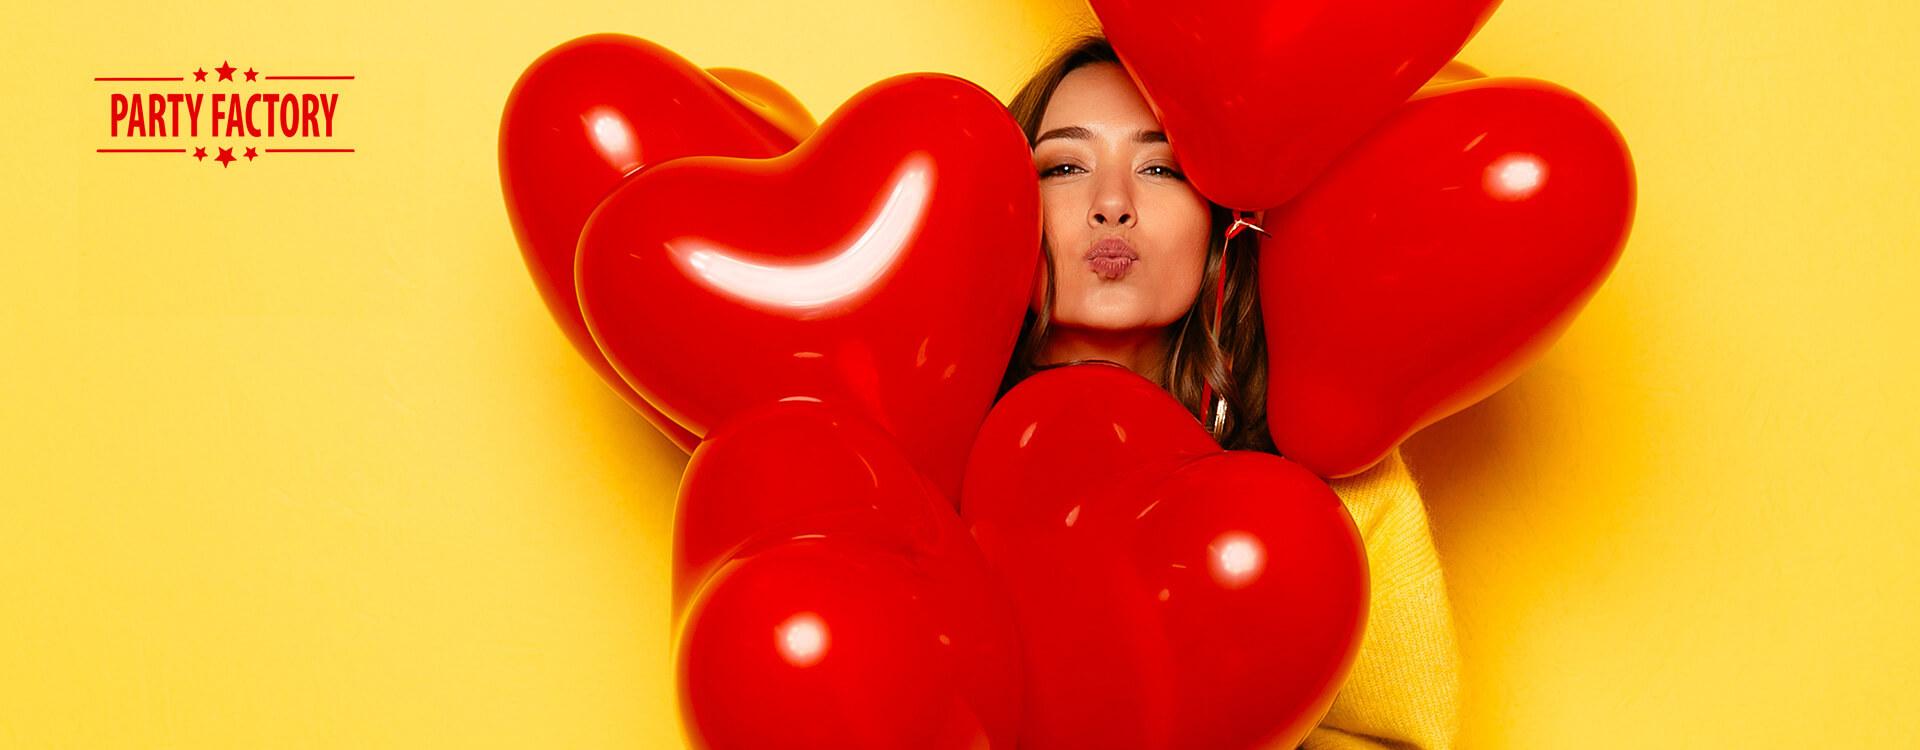 Layout und Konzept auf JTL der E-Commerce-Agentur: BS-Style GmbH. Darstellung einer jungen braunhaarigen Frau mit vielen roten Herzluftballons vor dem Gesicht.